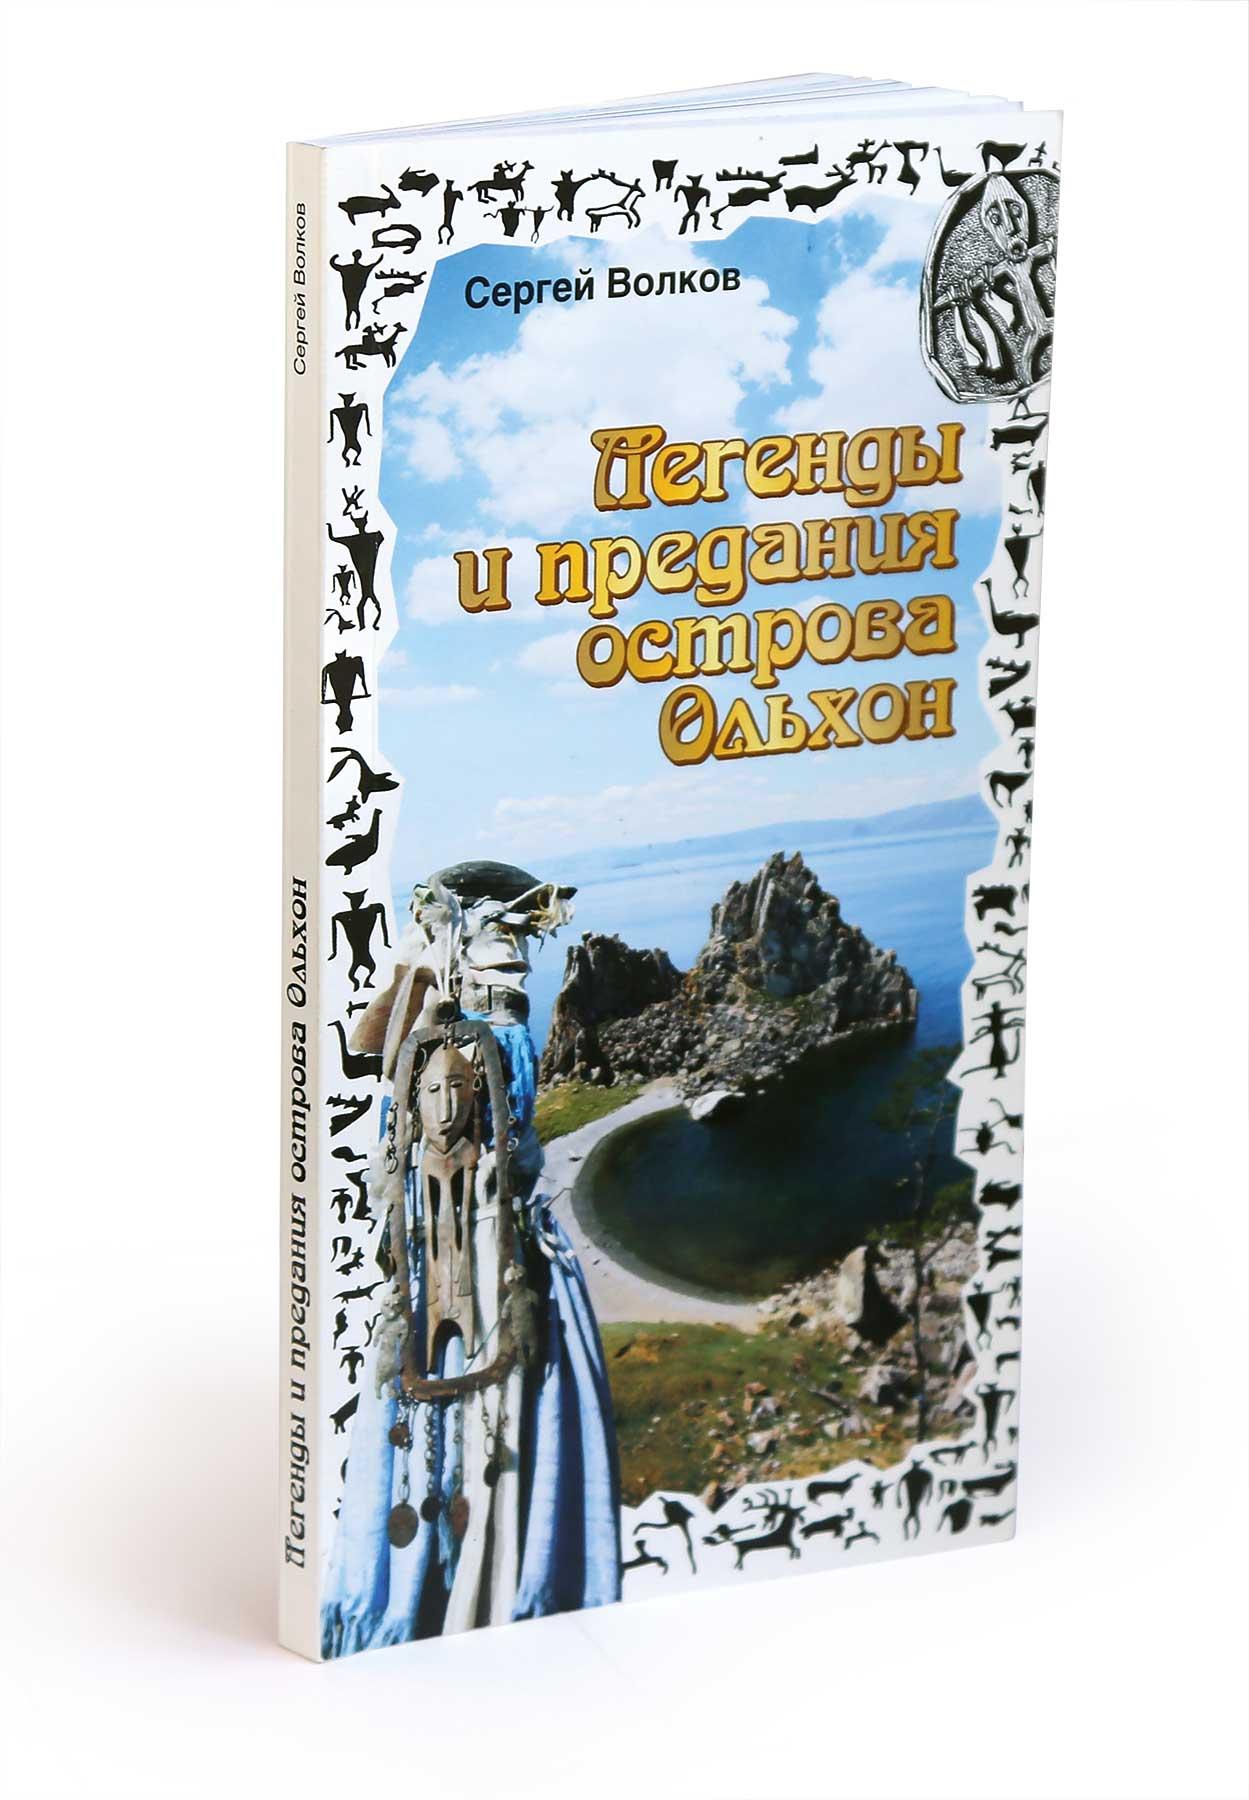 Легенды и предания острова Ольхон